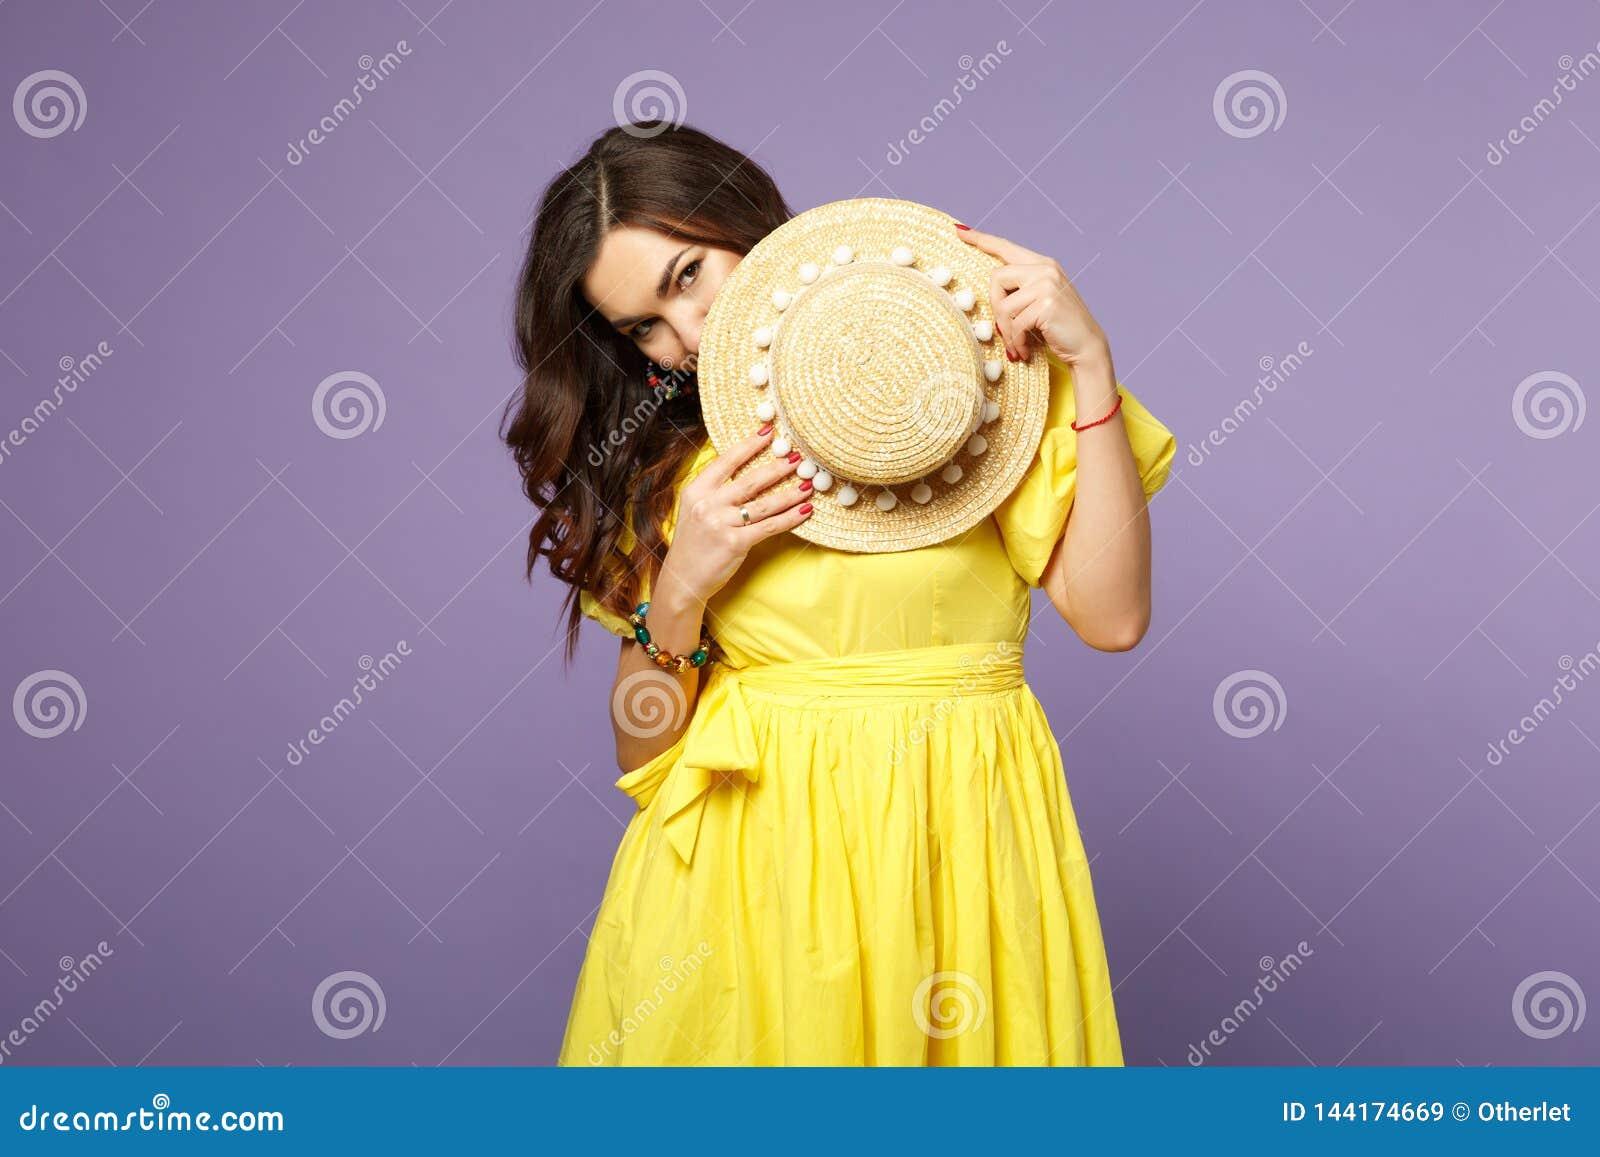 Portret ładna zmieszana młoda kobieta w kolor żółty sukni nakrycia twarzy z lato kapeluszem na pastelowym fiołku